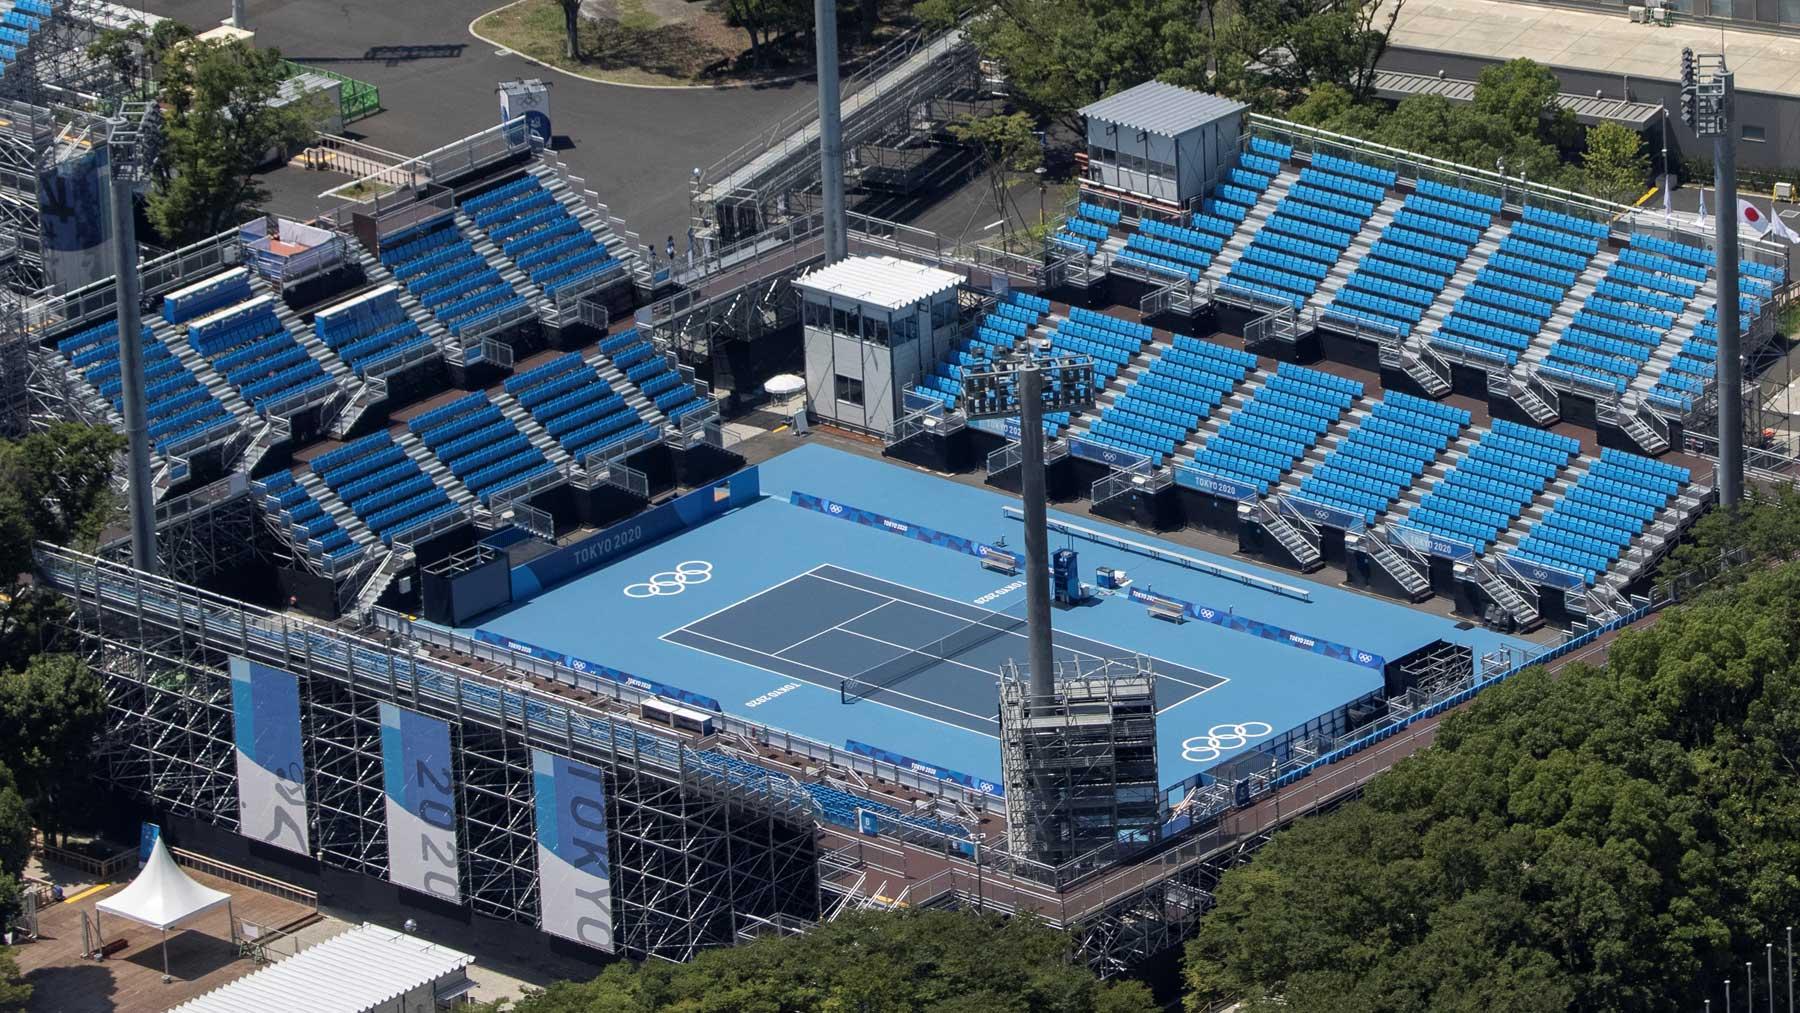 Vistas del Ariake Tennis Park donde se disputarán los partidos de tenis en Tokio 2020 (AFP)